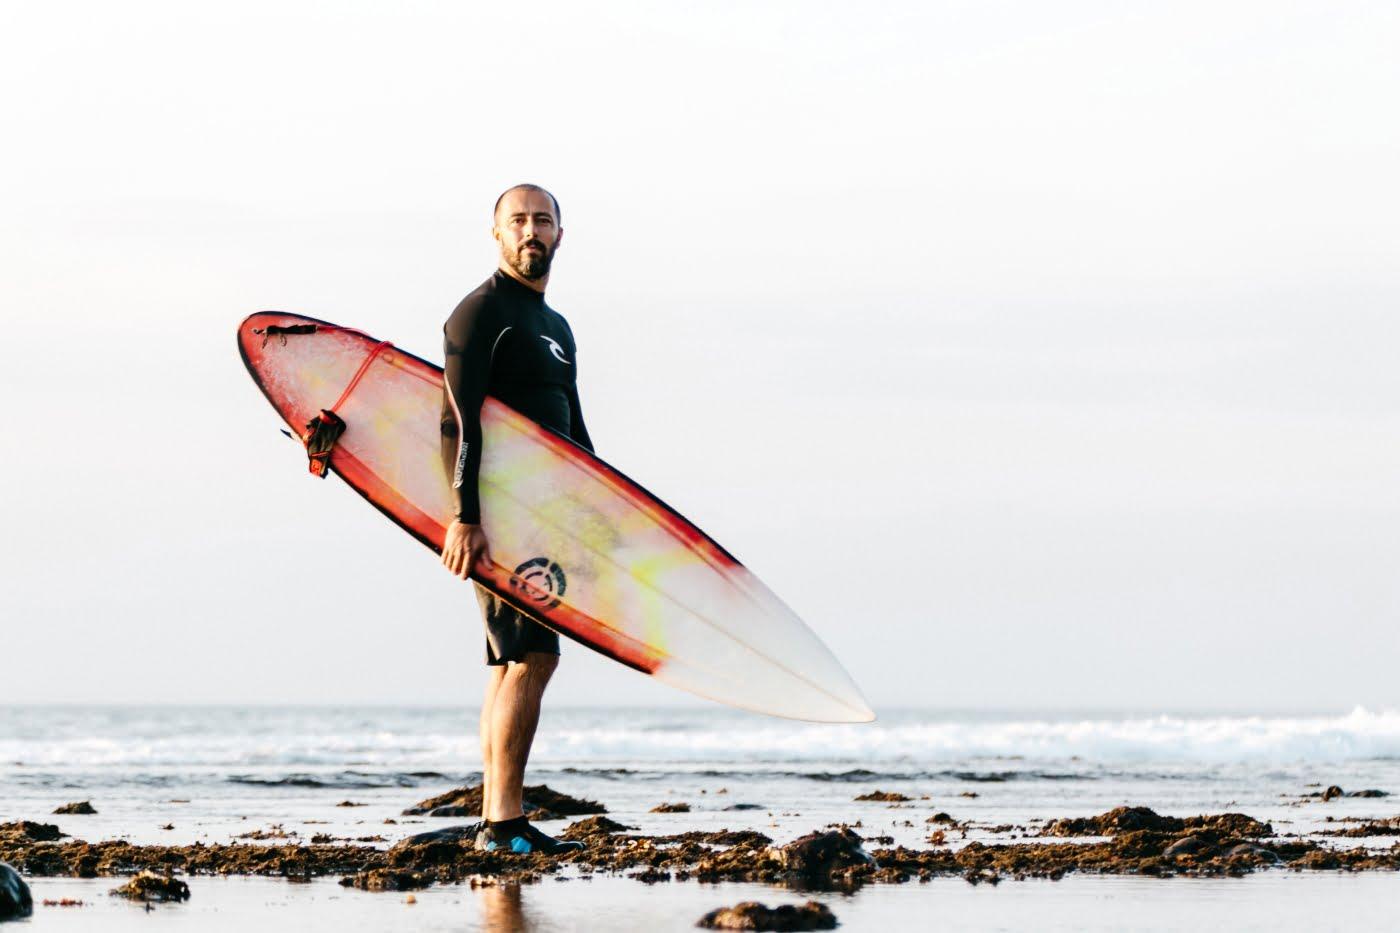 Administrador, surfista e iogue, o diretor de incorporação da Gamaro, Vinicius Amato, defende um ritmo mais lento e mais humano de trabalho.